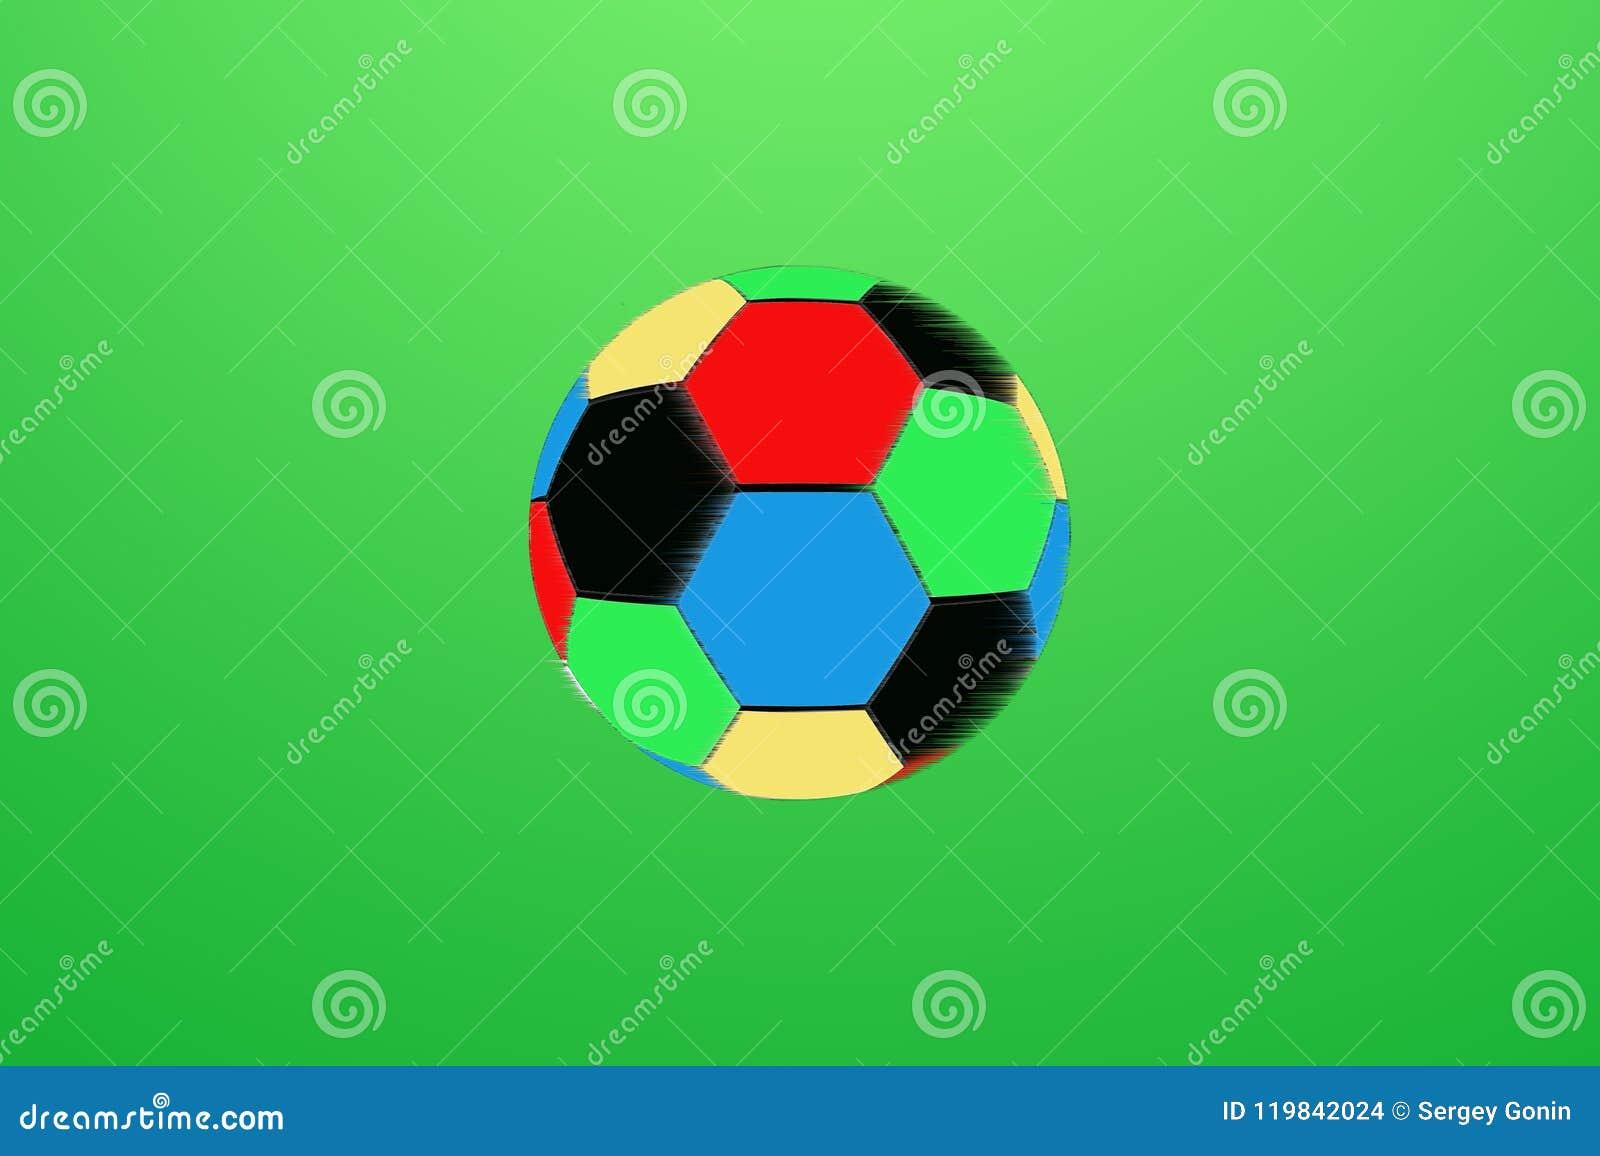 Bola de futebol na cor no fundo verde